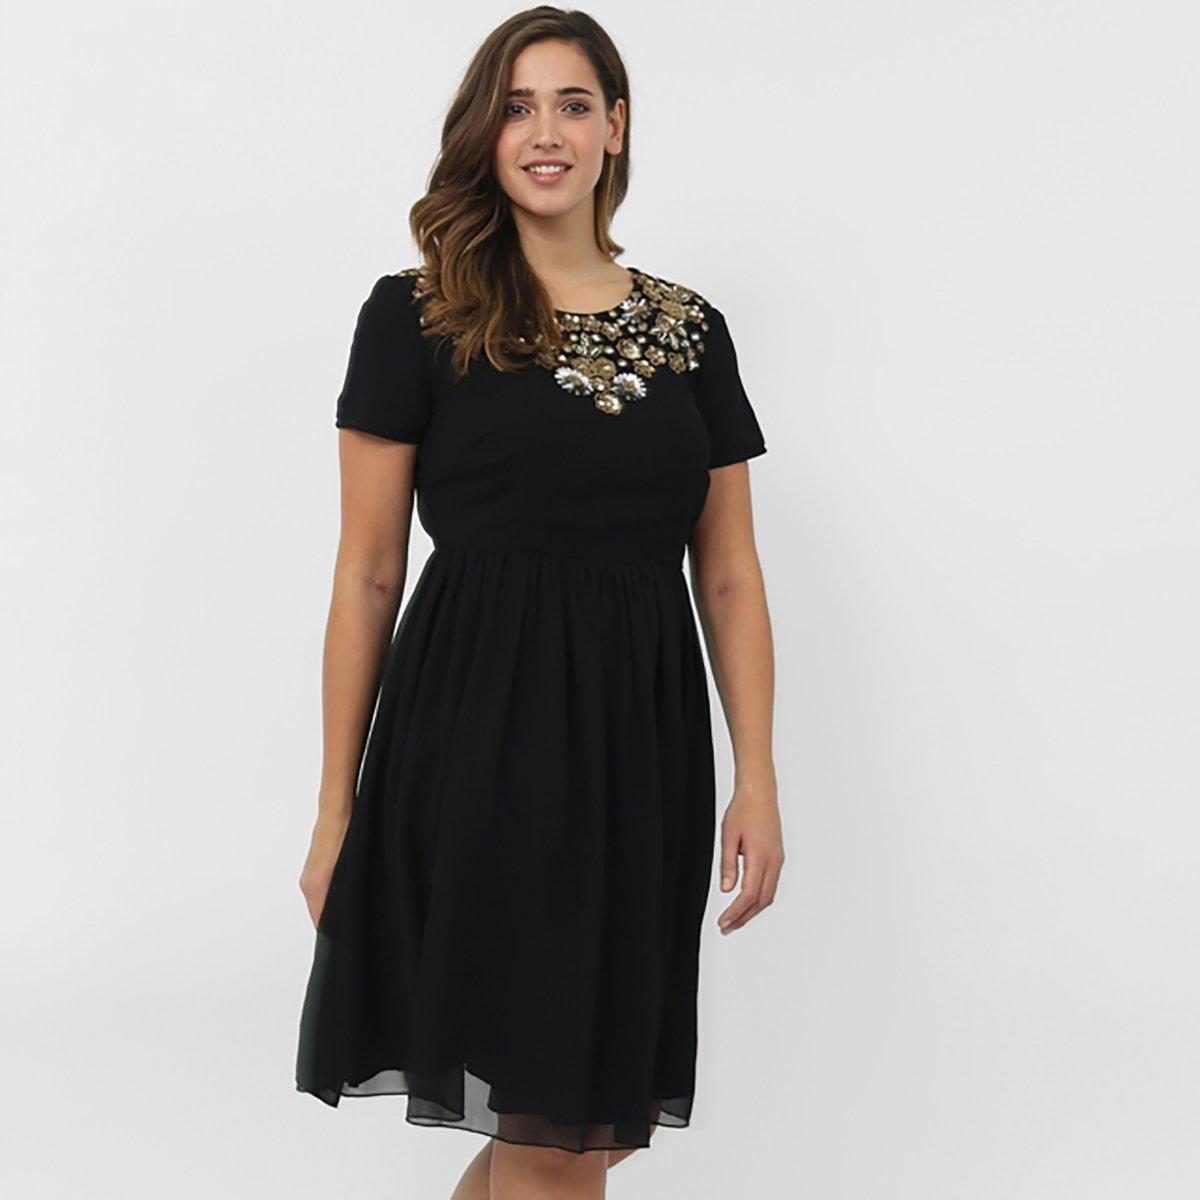 ПлатьеПлатье с короткими рукавами LOVEDROBE. Круглый вырез. Декоративные вставки в верхней части . На молнии сзади . 100% полиэстера.<br><br>Цвет: черный<br>Размер: 46 (FR) - 52 (RUS)